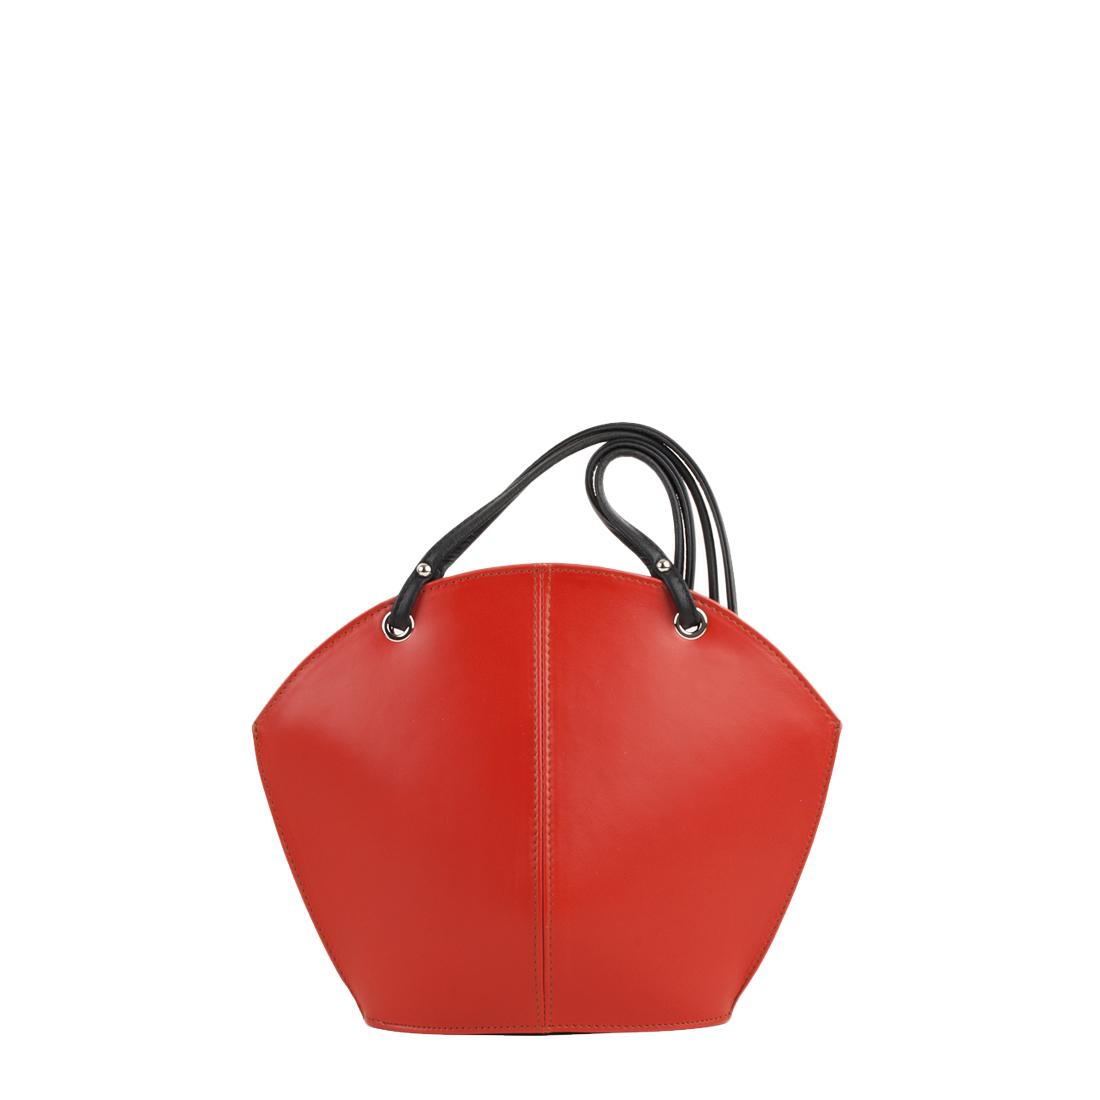 Ava Orange Leather Shoulder Bag